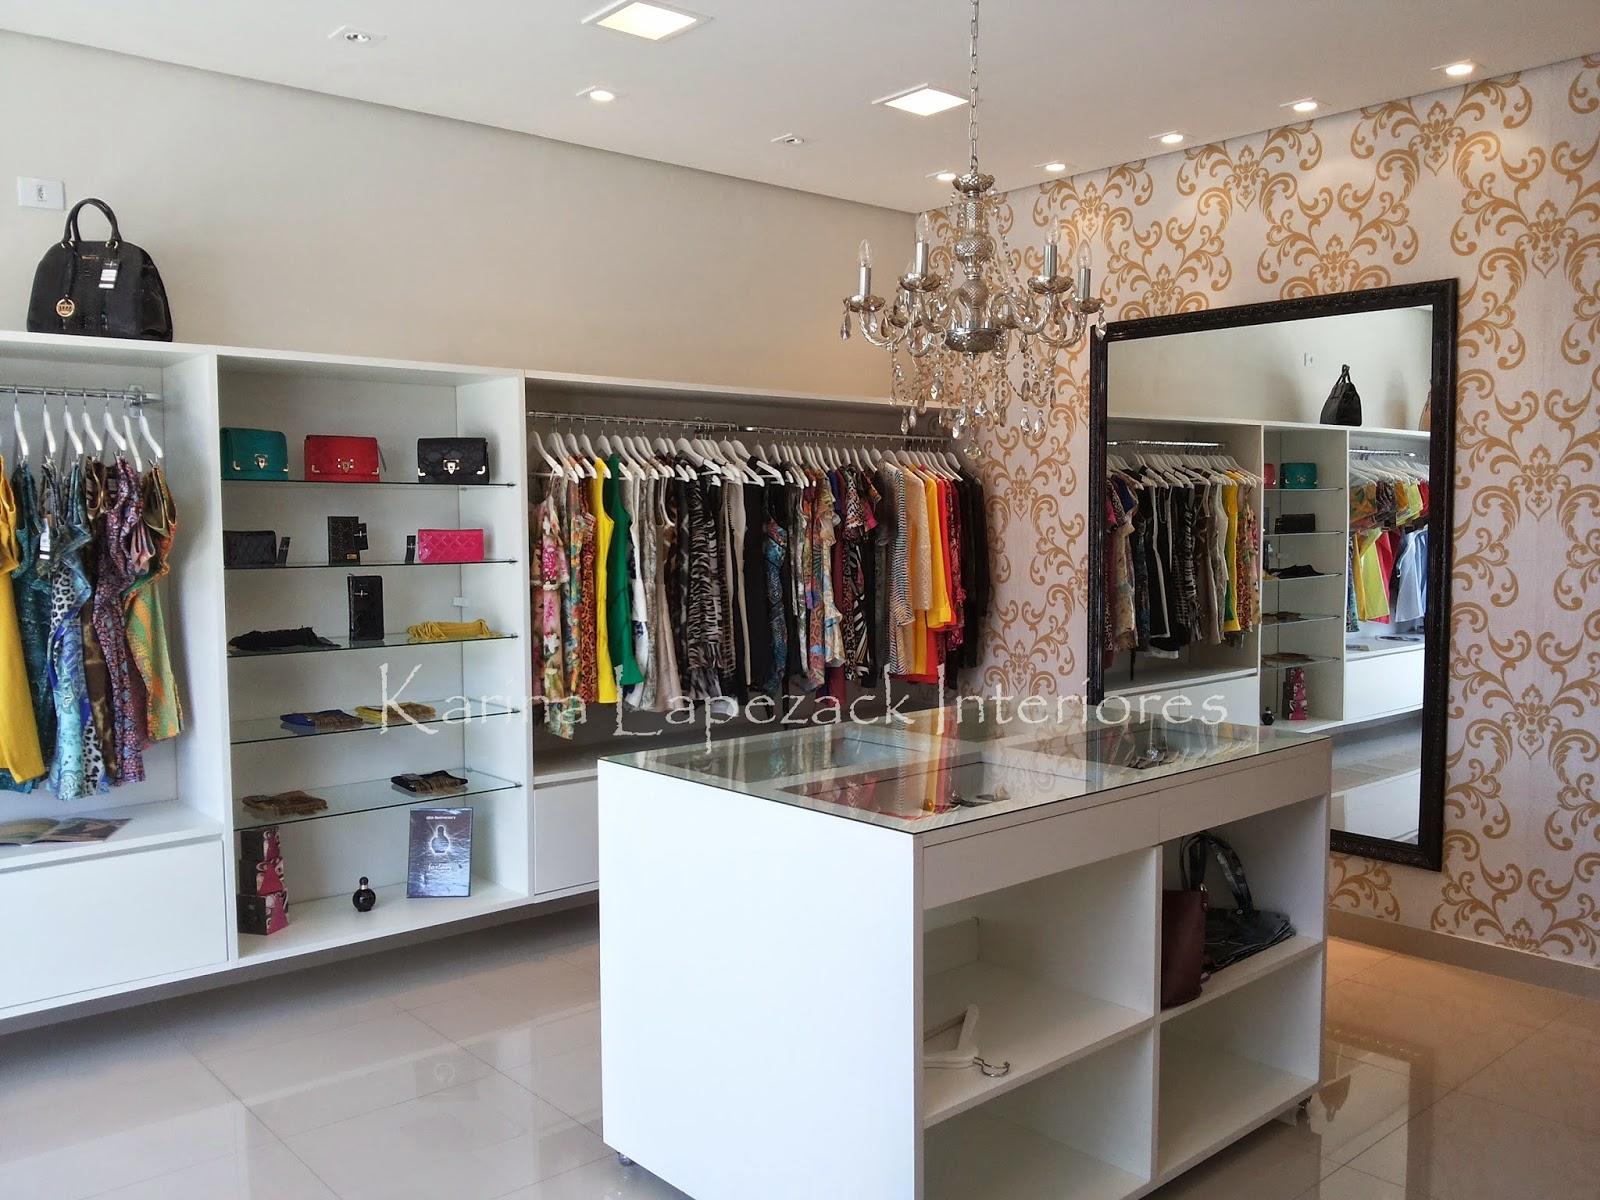 ideias e projetos de decoracao de interiores:organização dos produtos para uma loja é primordial para as